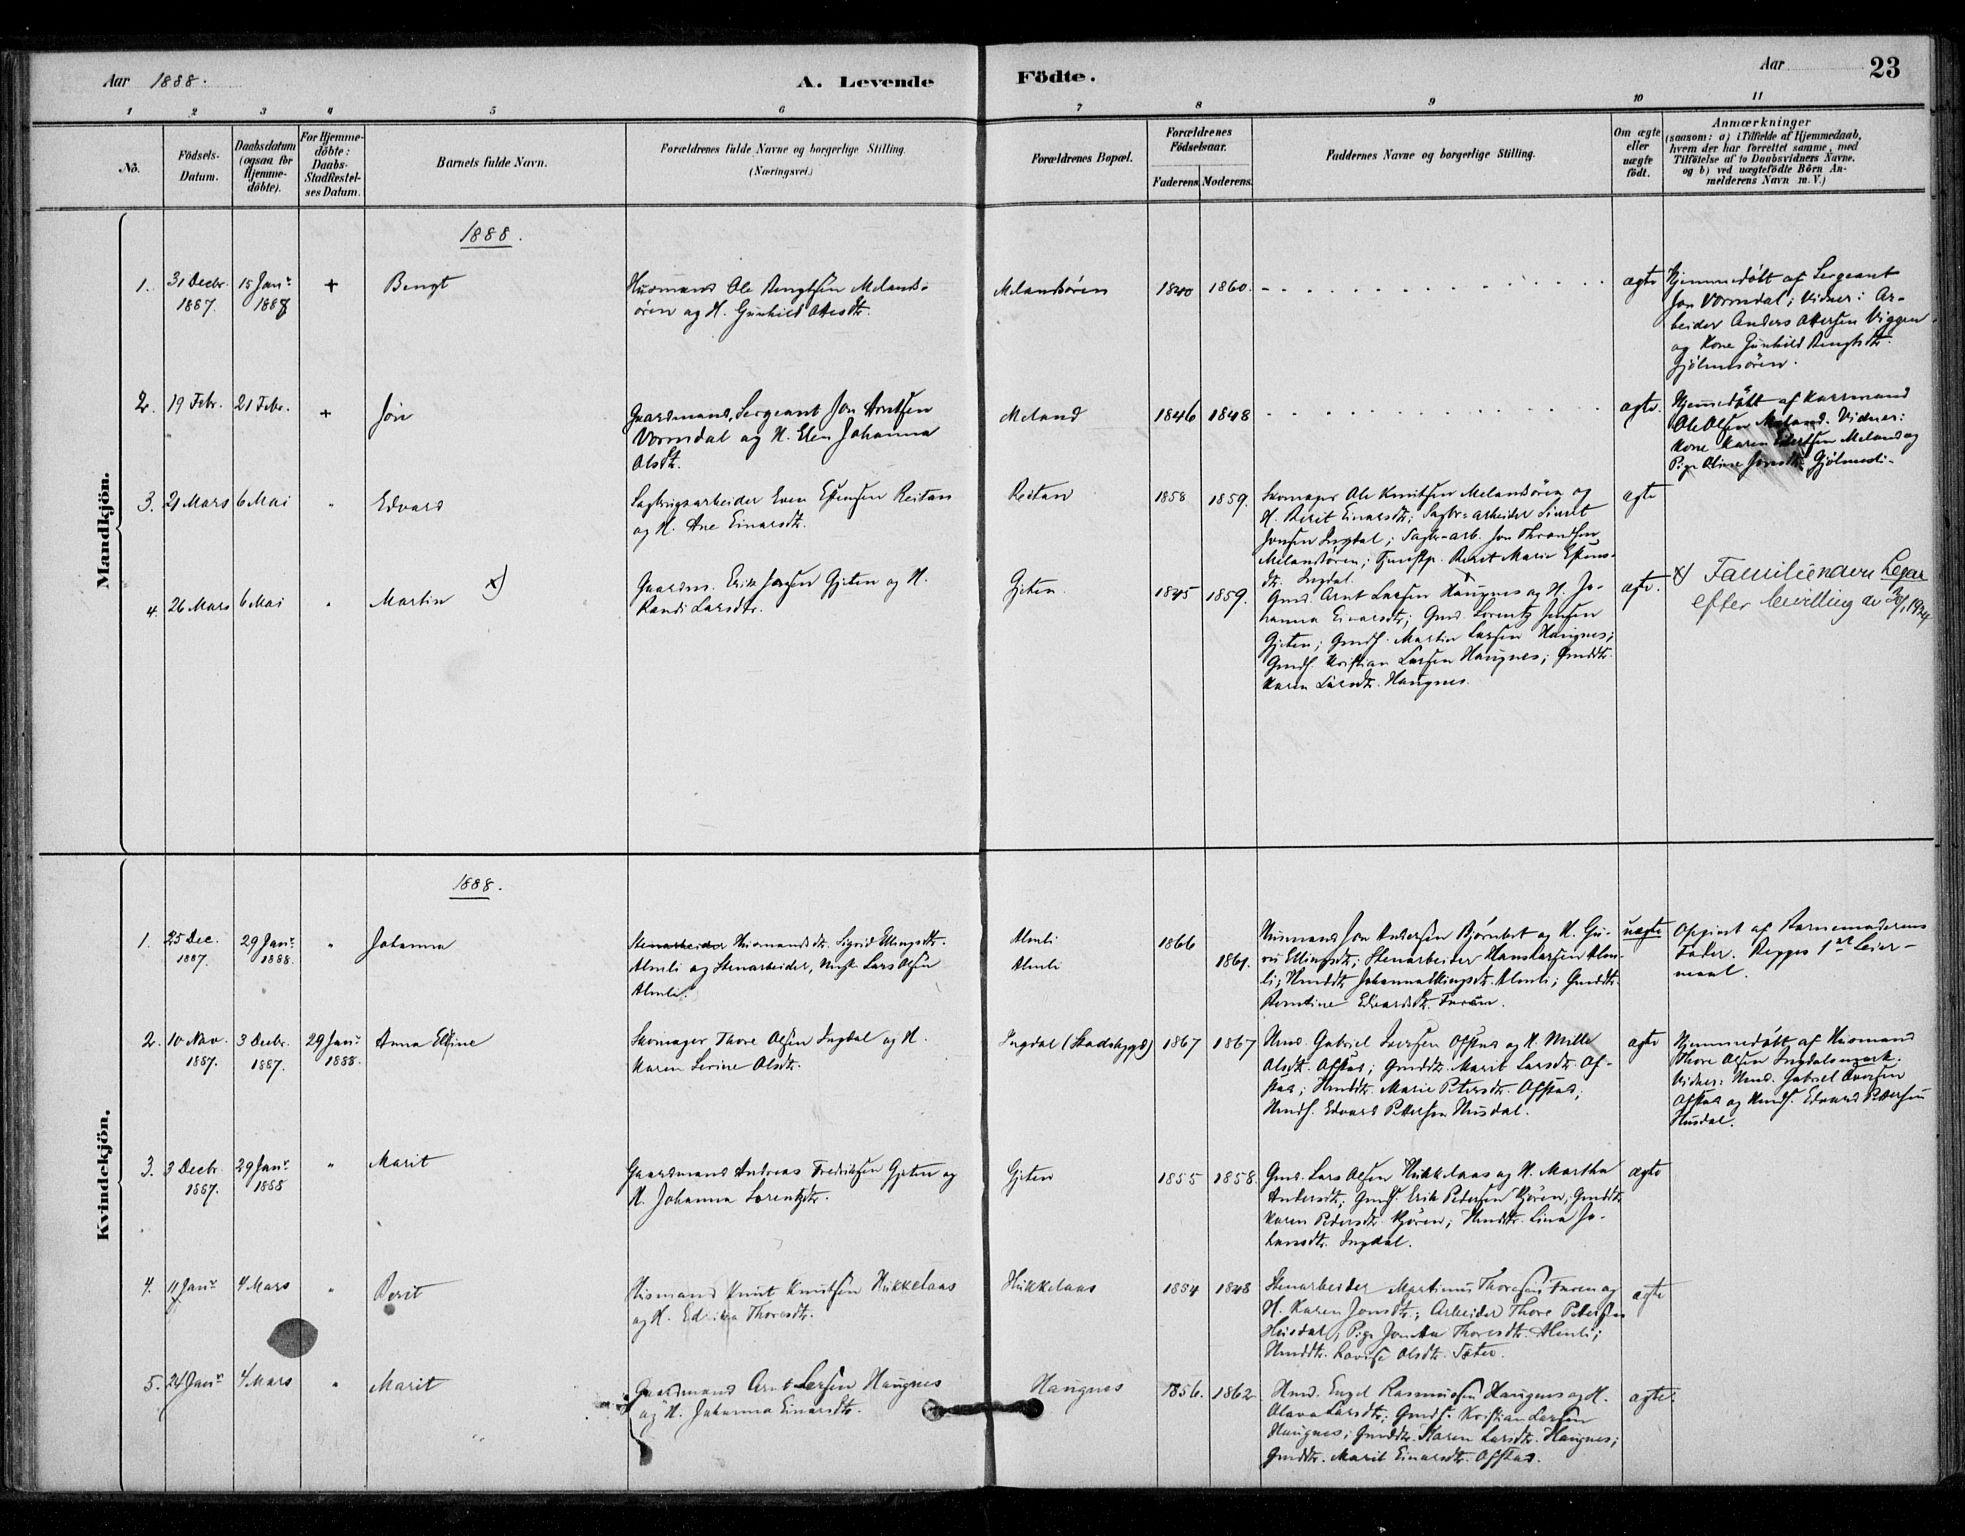 SAT, Ministerialprotokoller, klokkerbøker og fødselsregistre - Sør-Trøndelag, 670/L0836: Ministerialbok nr. 670A01, 1879-1904, s. 23